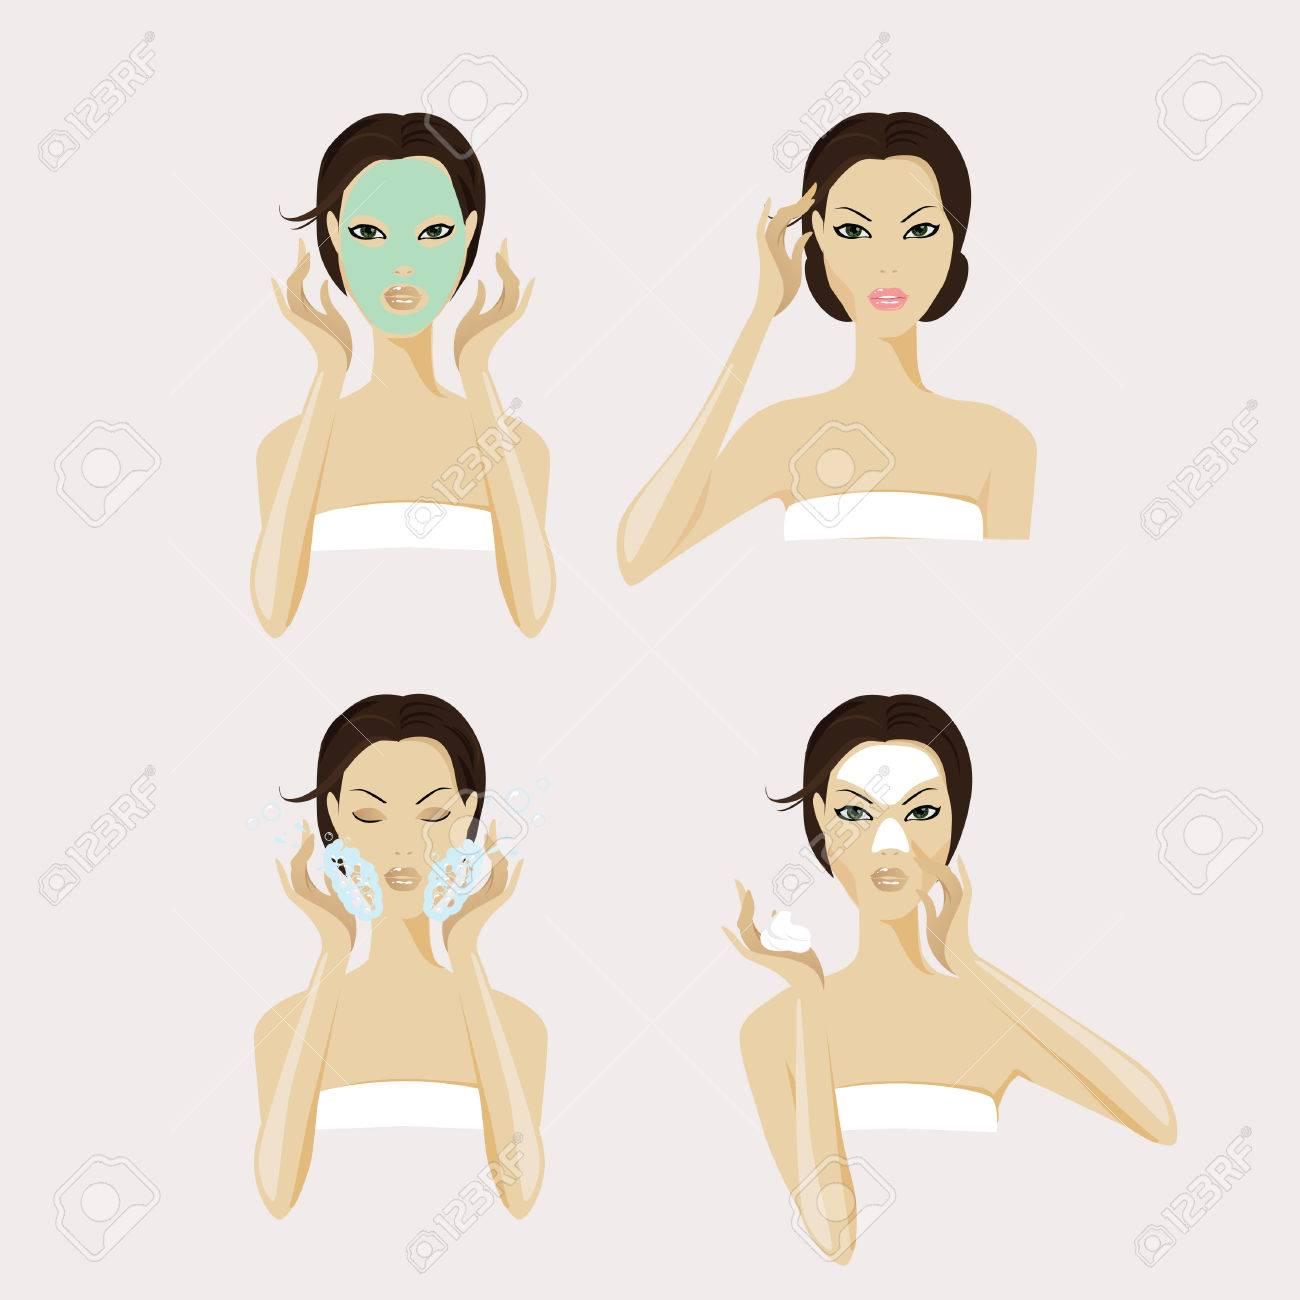 A girl face with facial mask and makeup. - 61414719